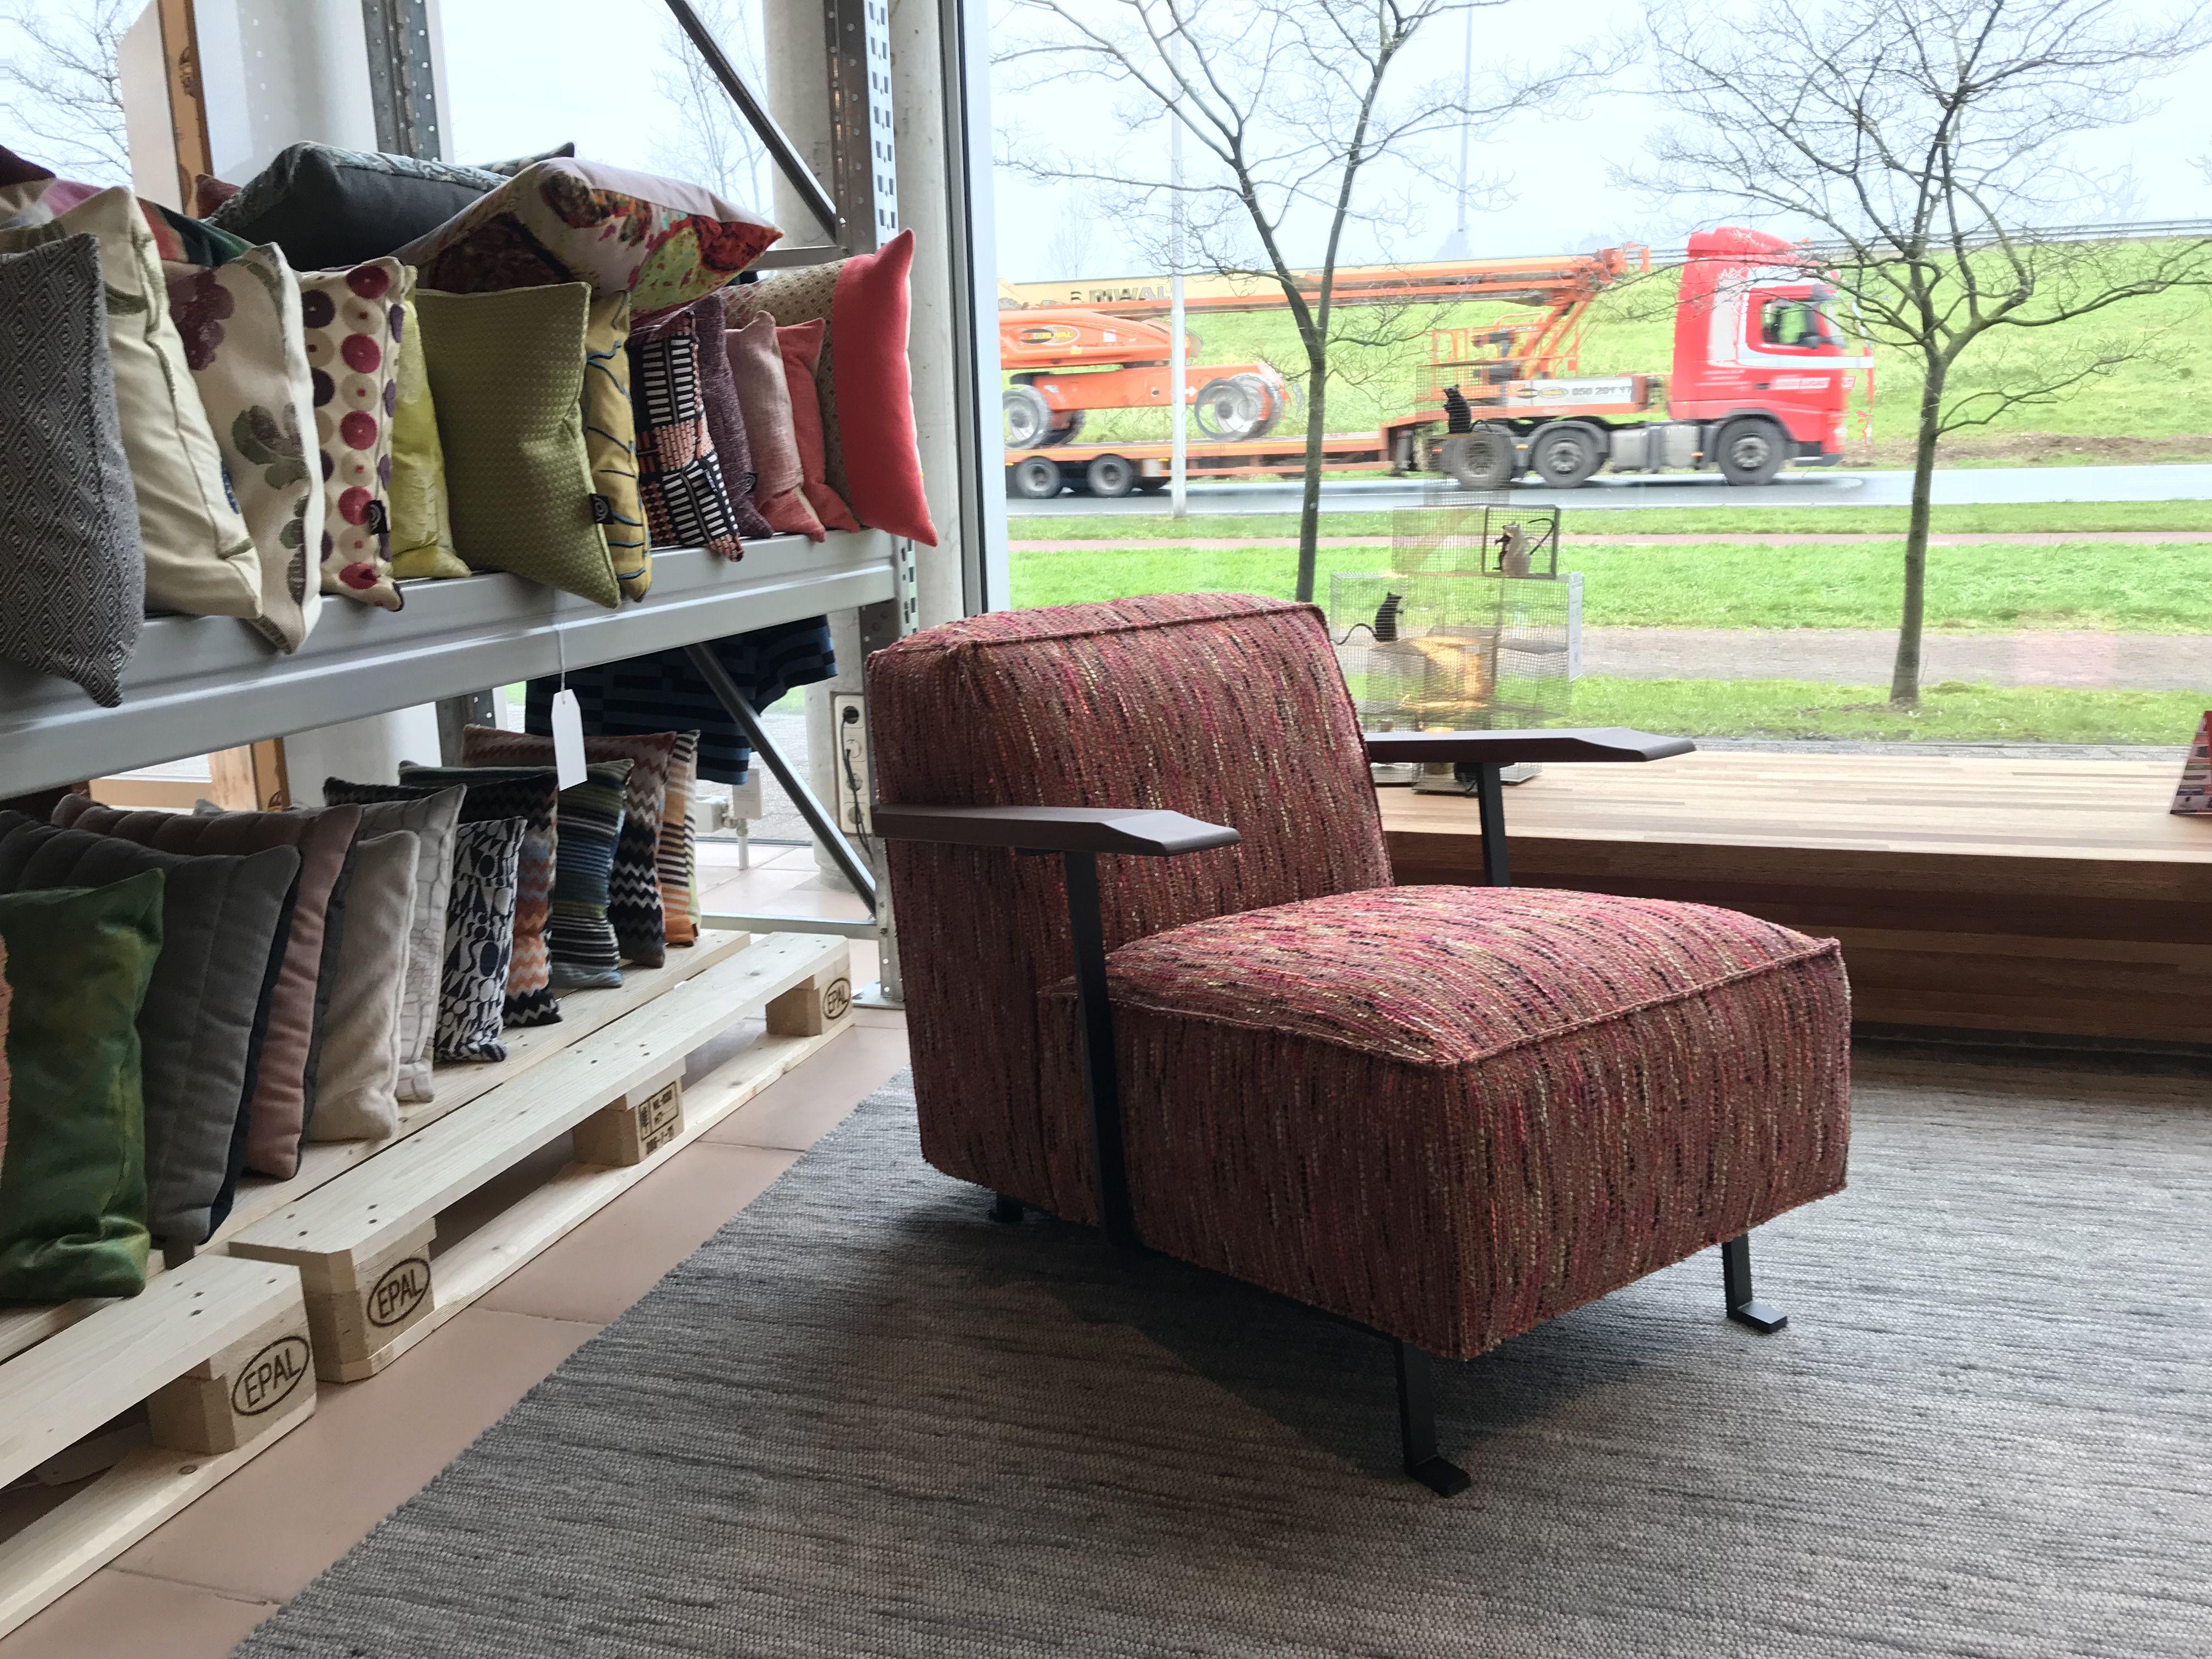 Vos Meubels Groningen : Meubelwinkels groningen goedkope meubels groningen beautiful